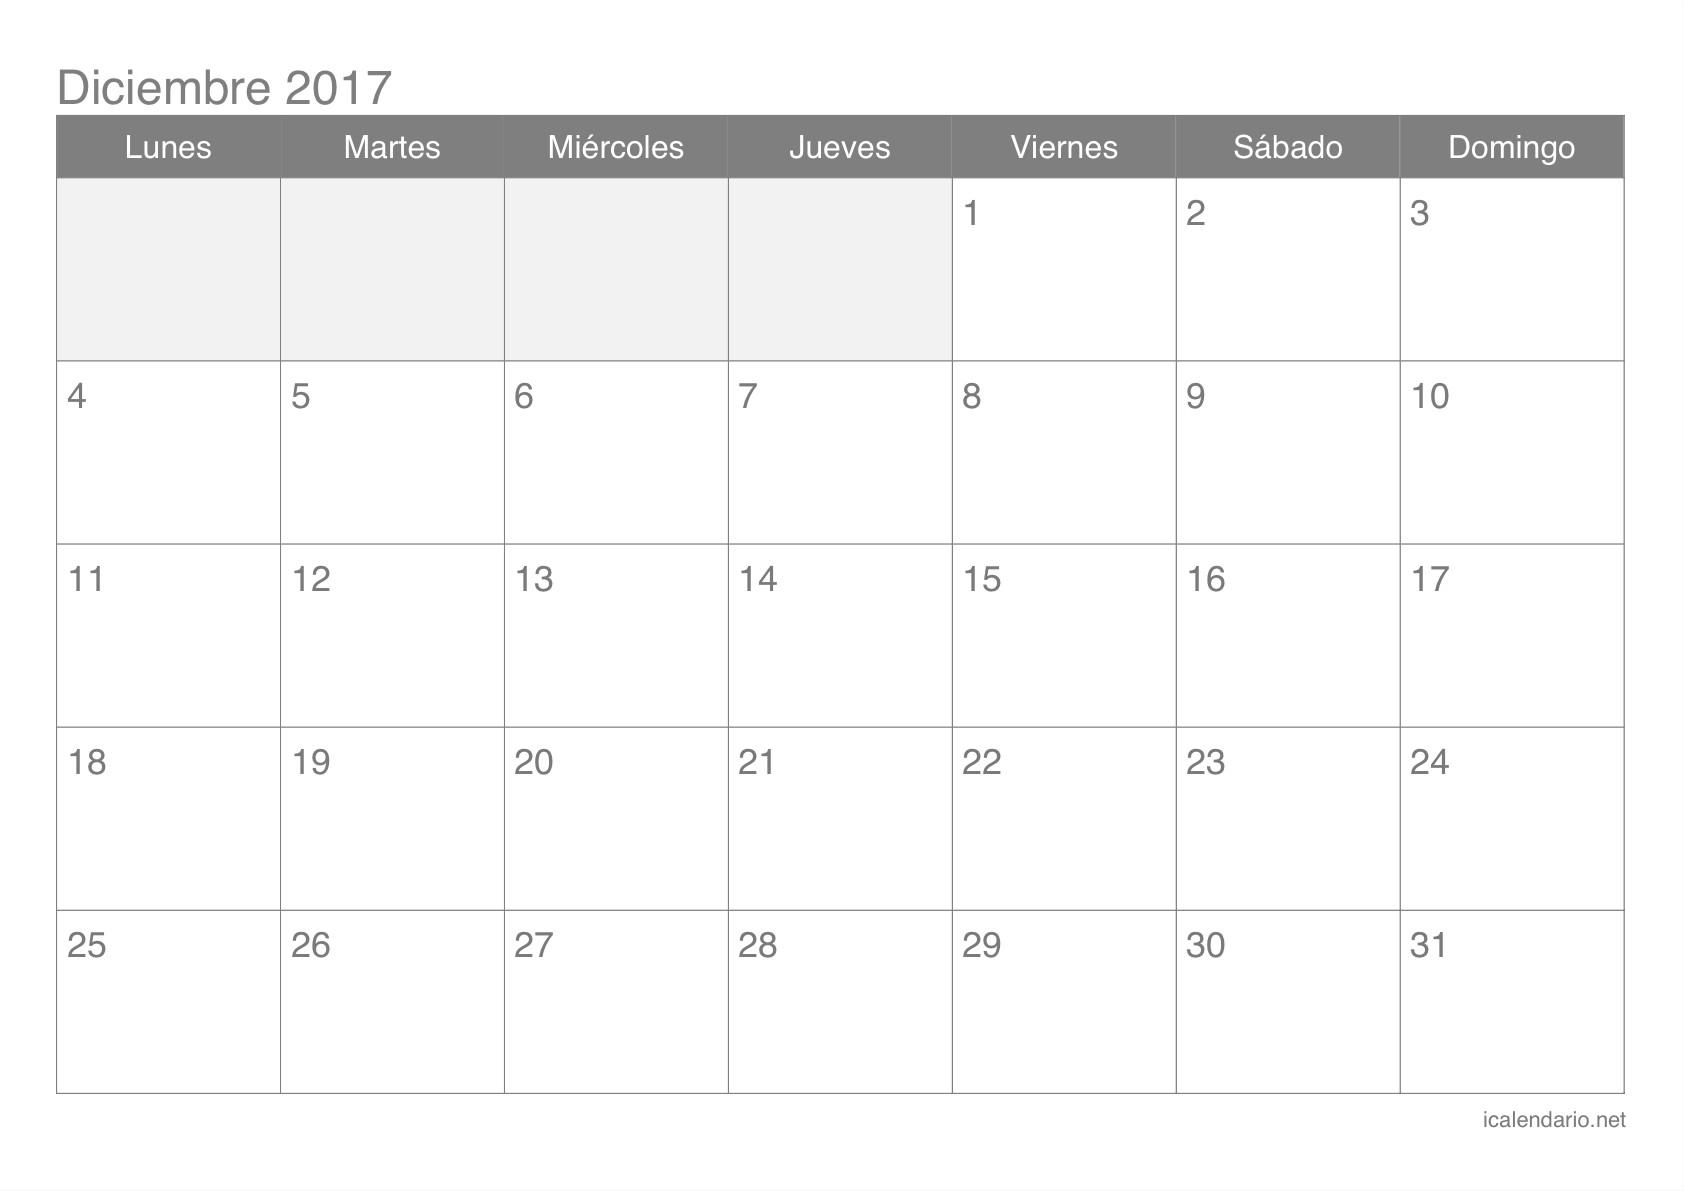 Calendario Diciembre 2017 Chile Para Imprimir Más Actual Calendario Diciembre 2017 Para Imprimir Icalendario Of Calendario Diciembre 2017 Chile Para Imprimir Recientes Calendario Chile A±o 2018